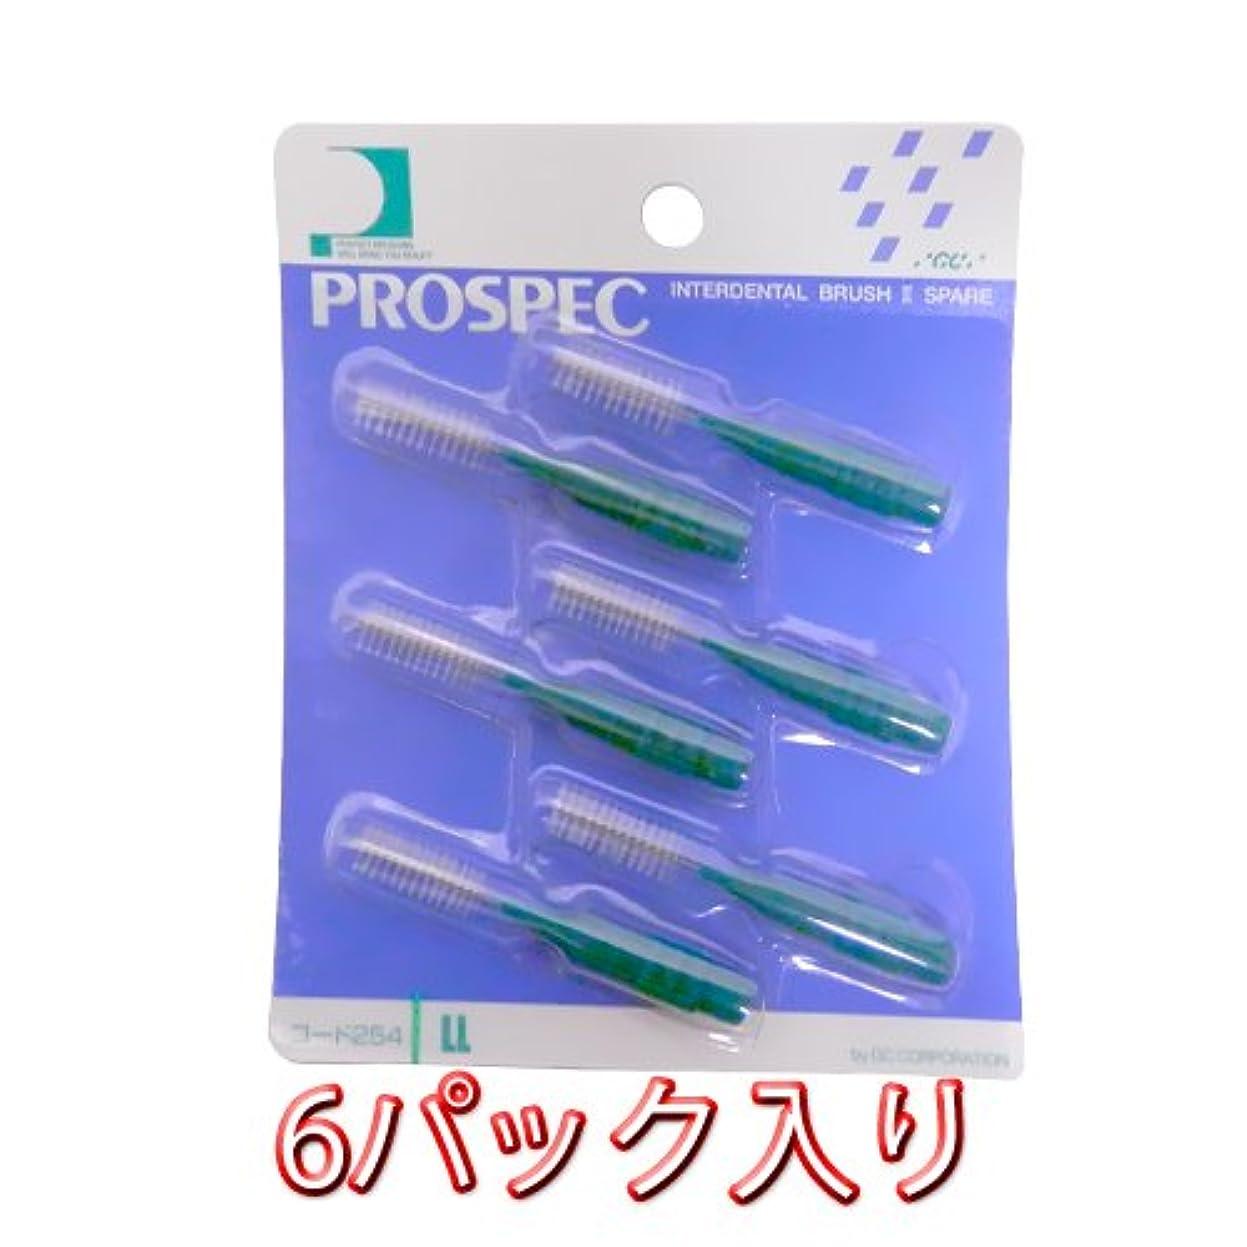 くるくる未満障害プロスペック 歯間ブラシ 2スペアー ブラシのみ6本入 × 6パック LL グリーン